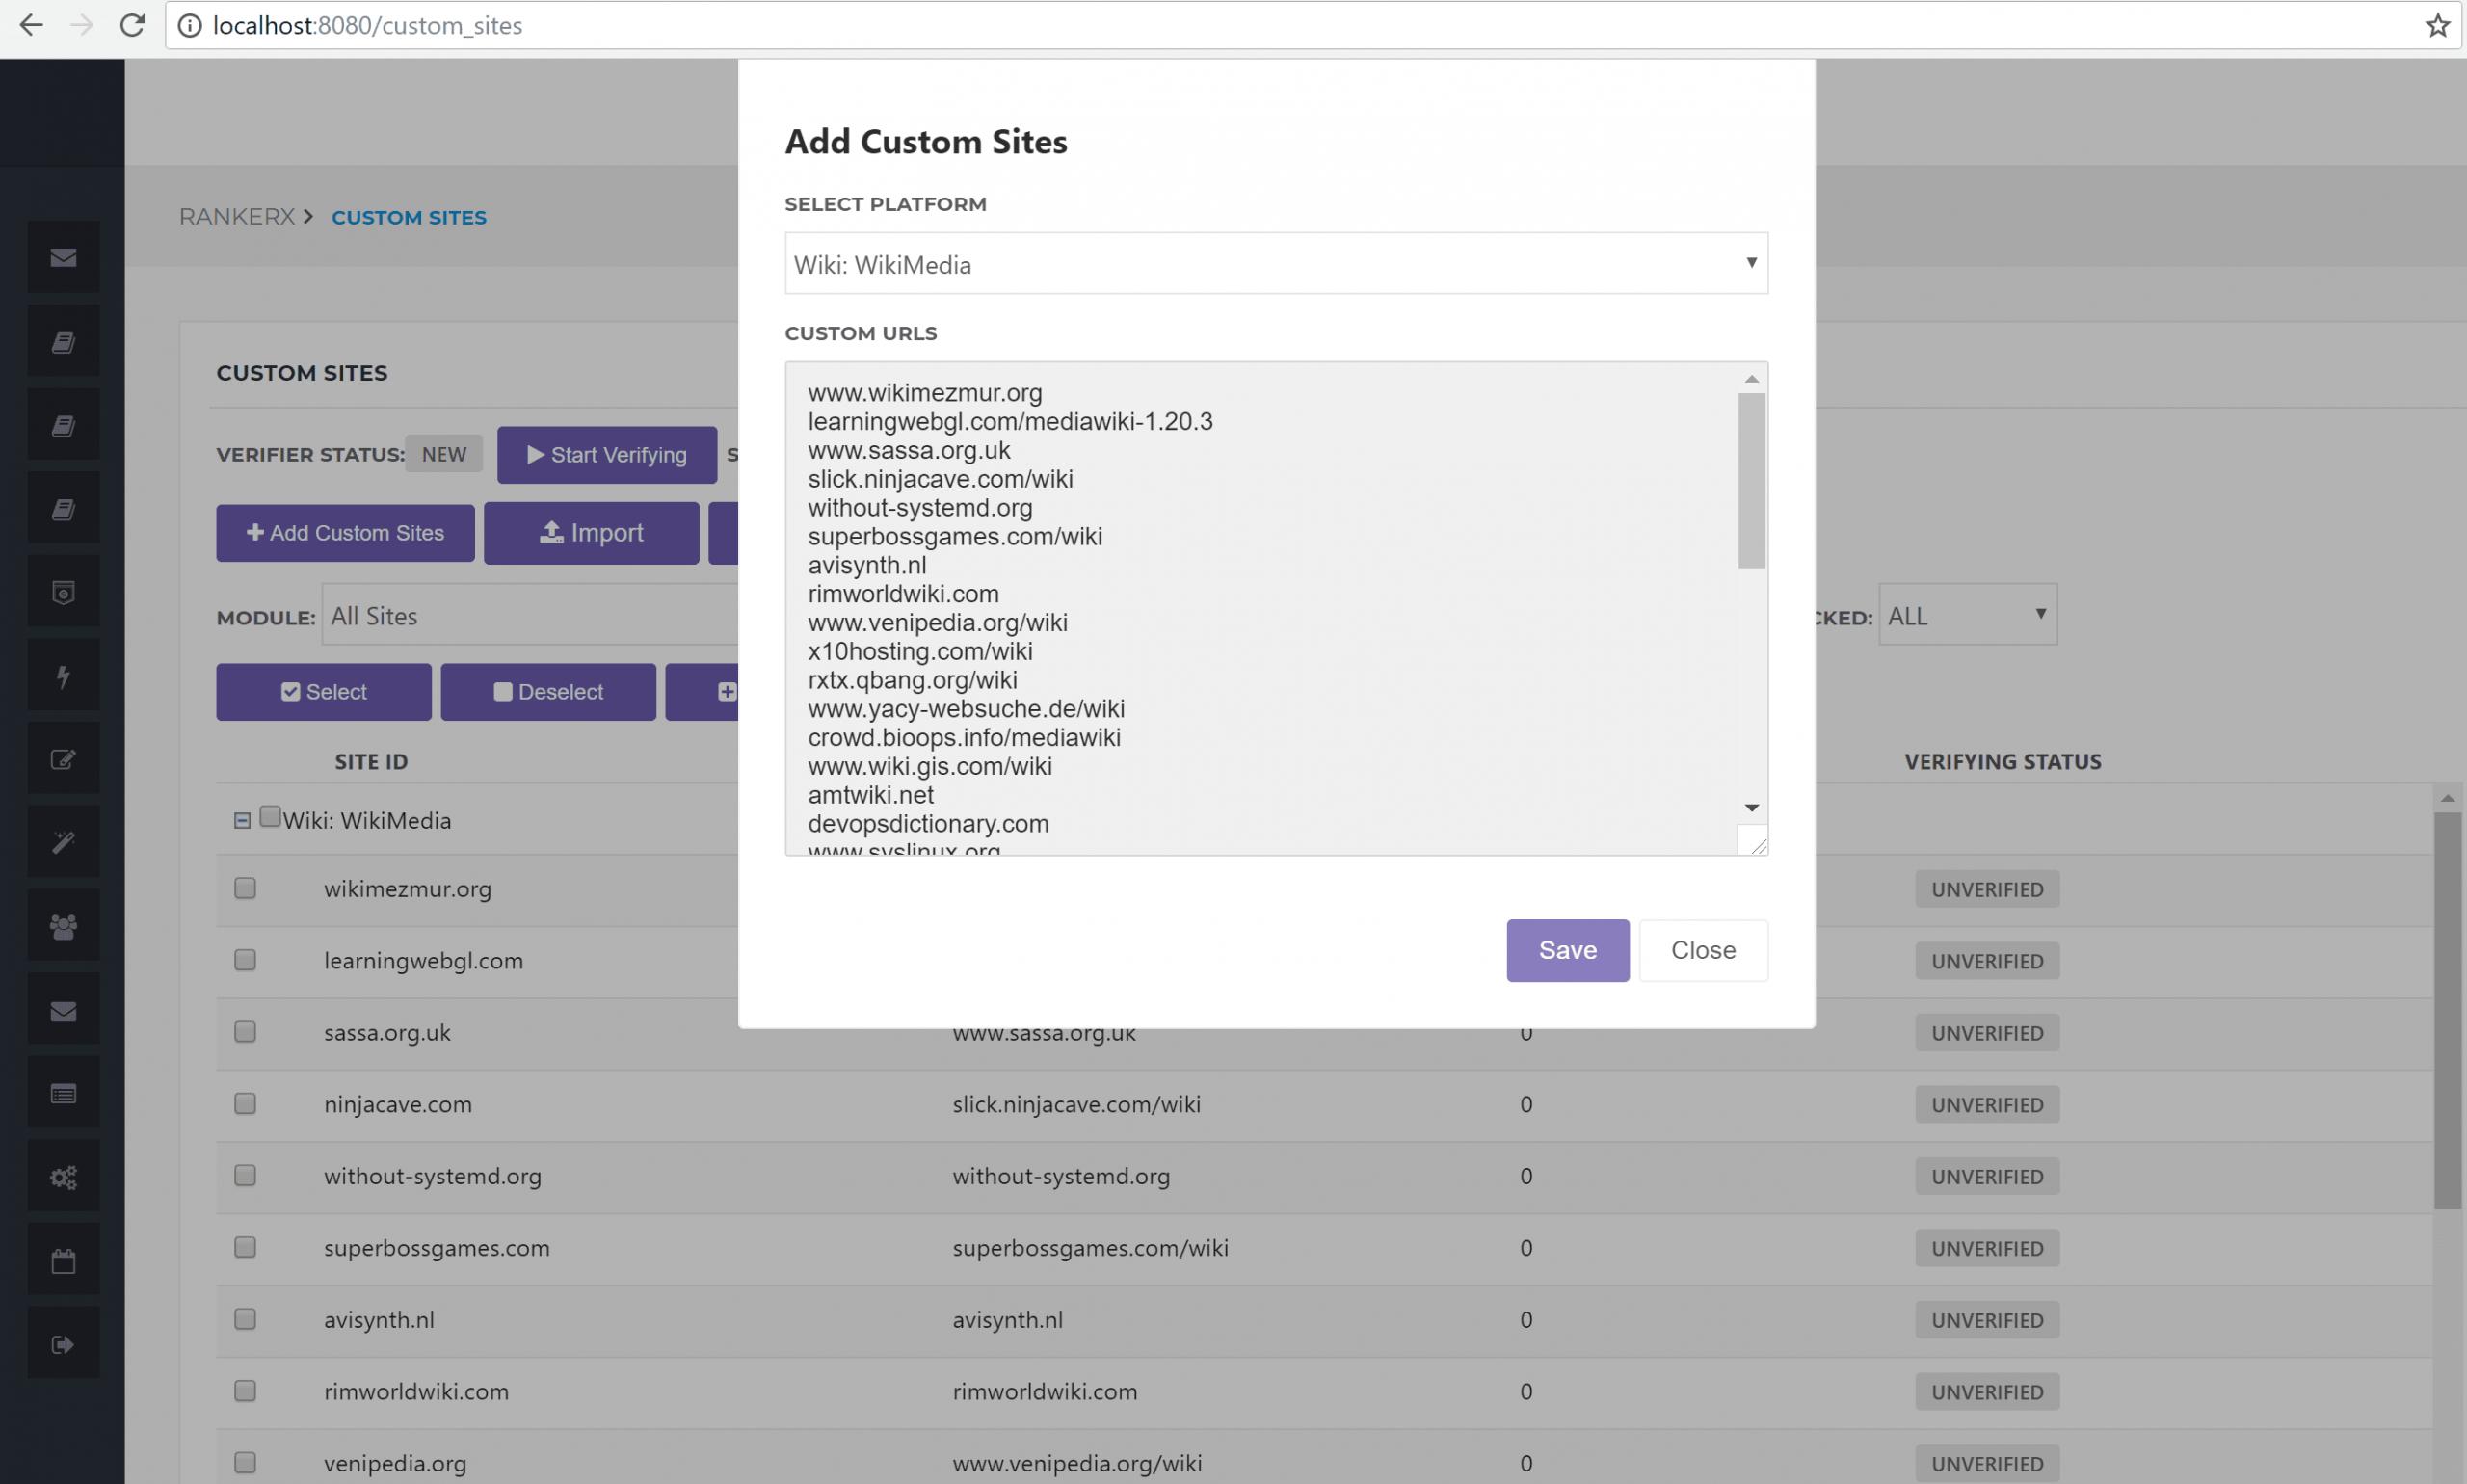 Adding Custom Sites to RankerX